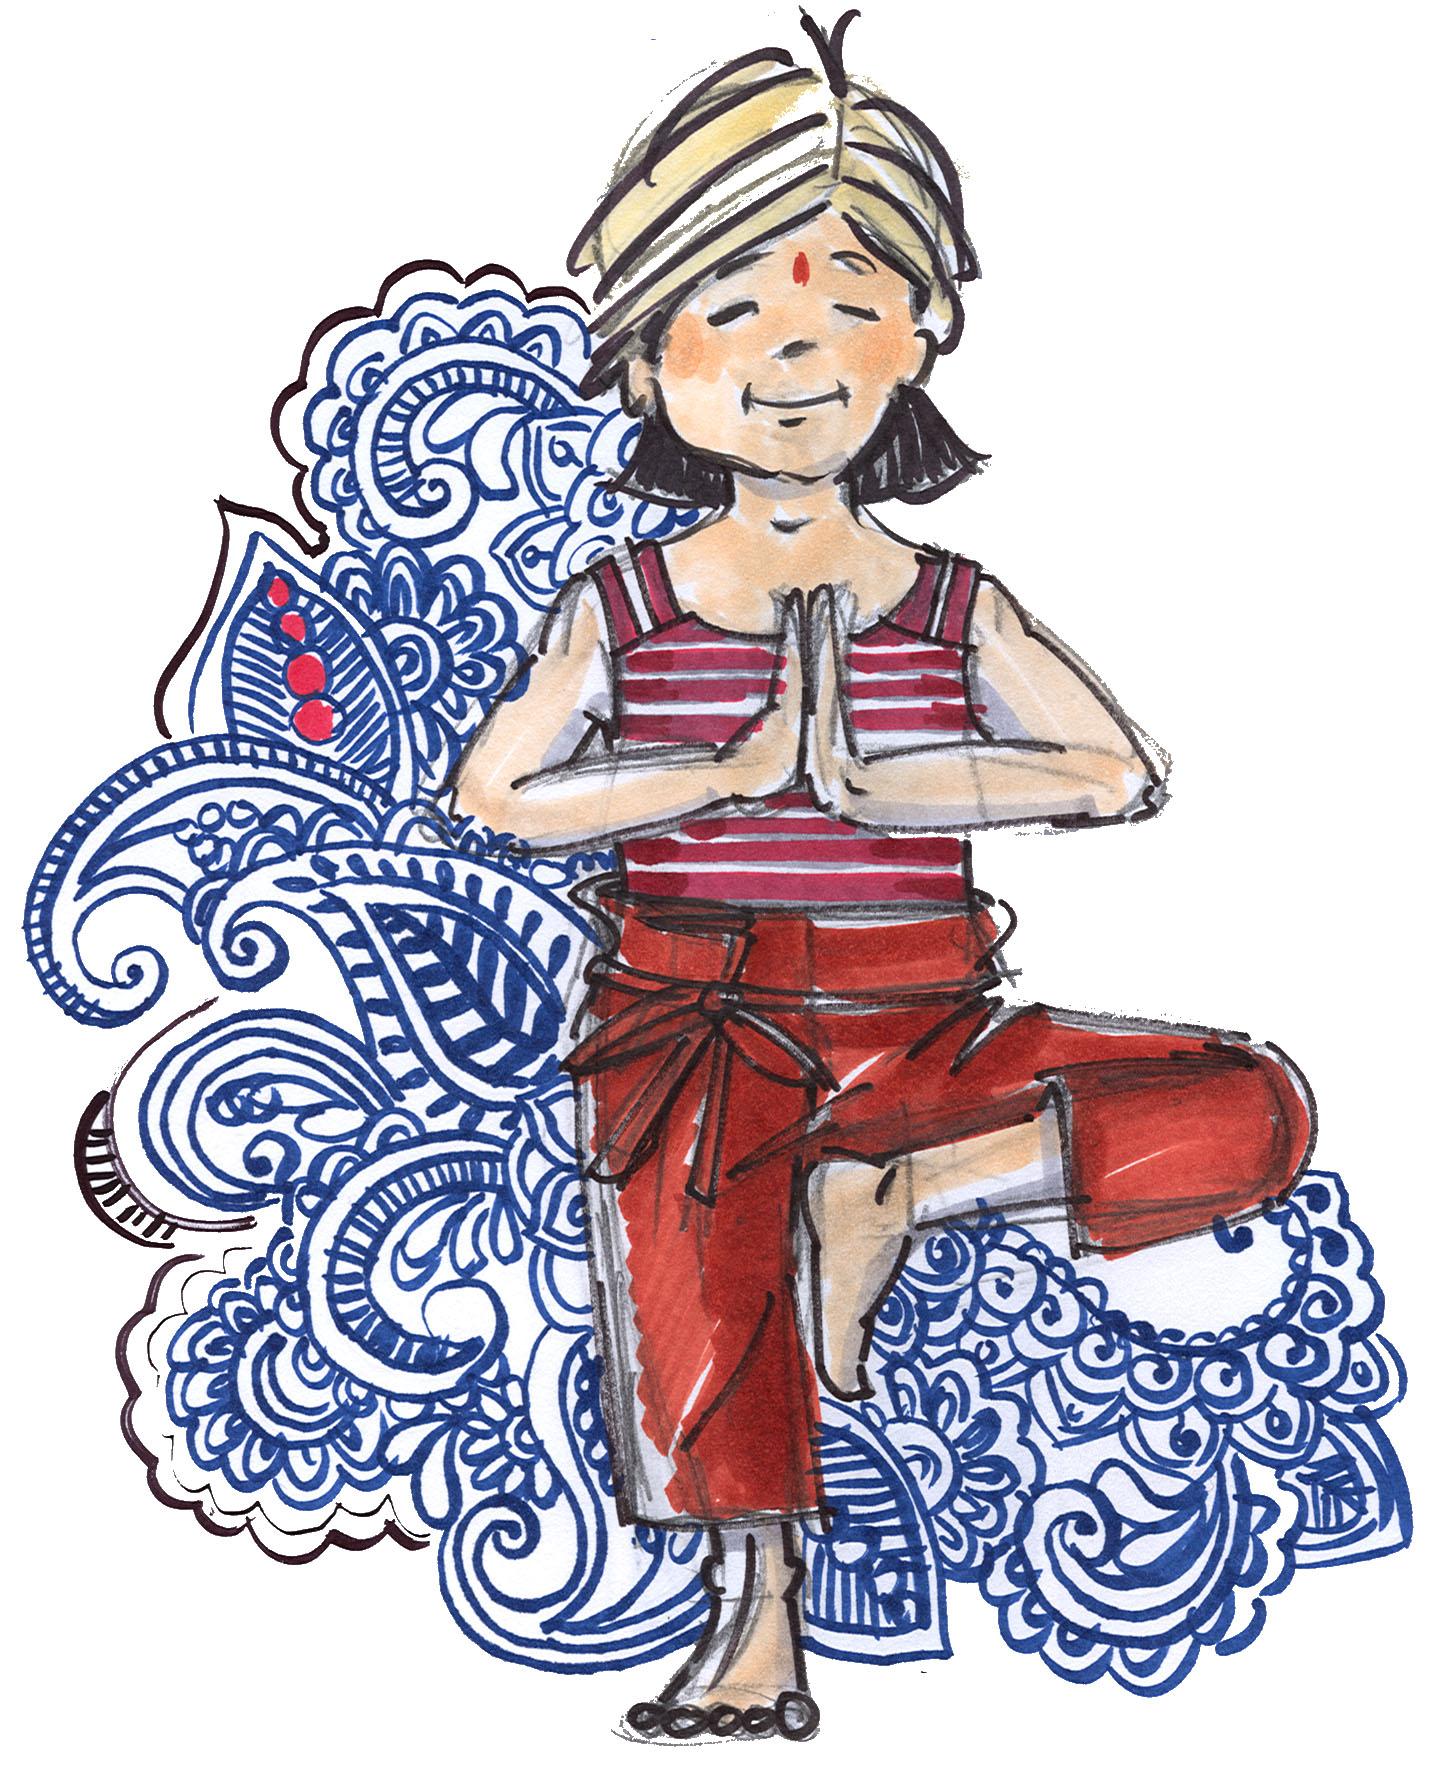 Een schets, waarin henna- en tattoe-invloeden voelbaar zijn.